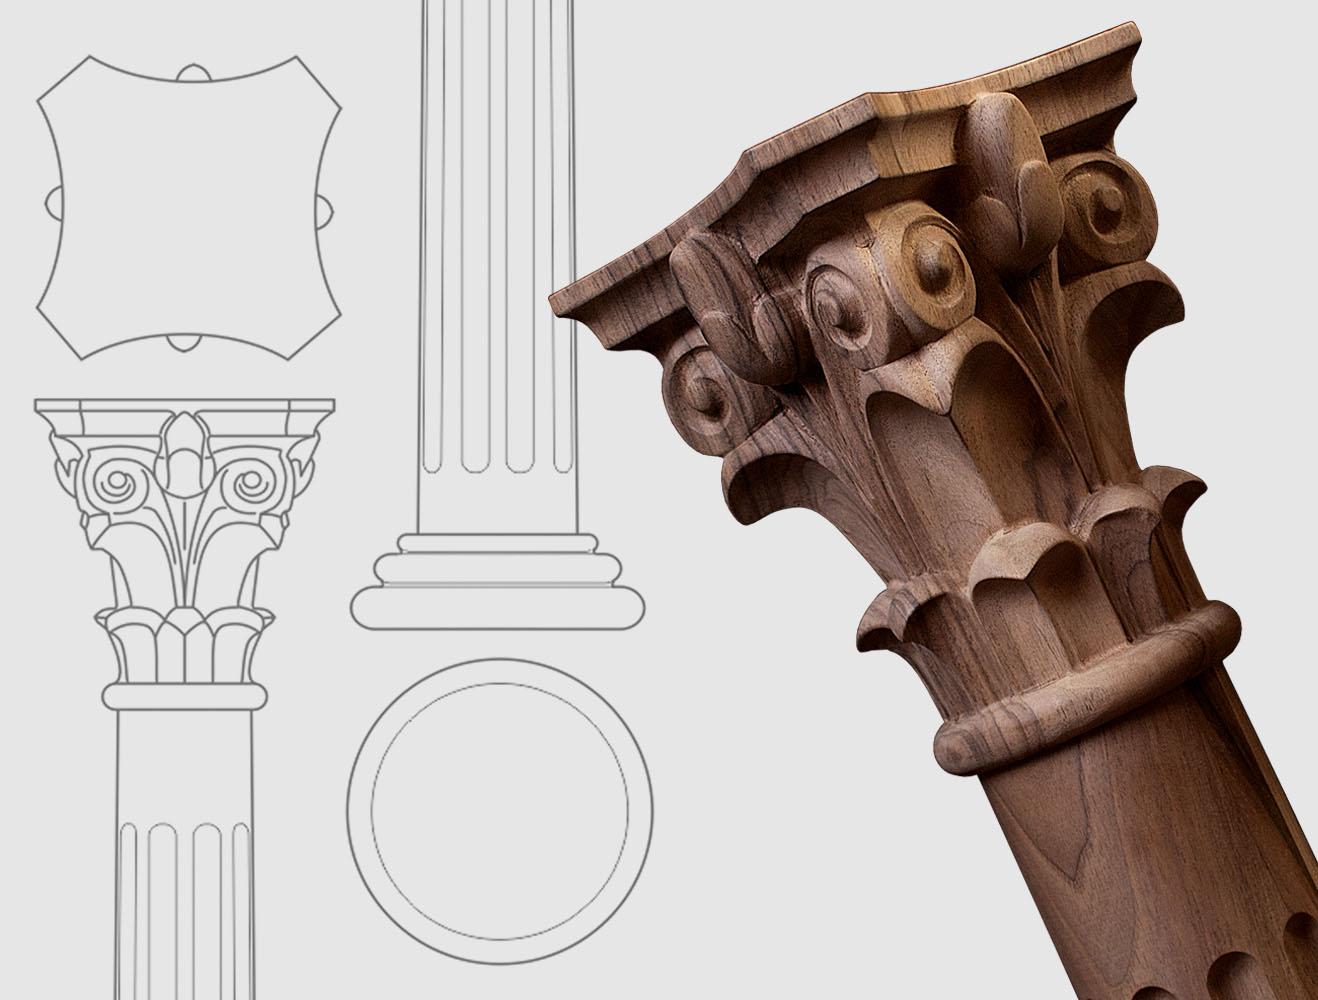 Colonnes de bois et balustres sculptée